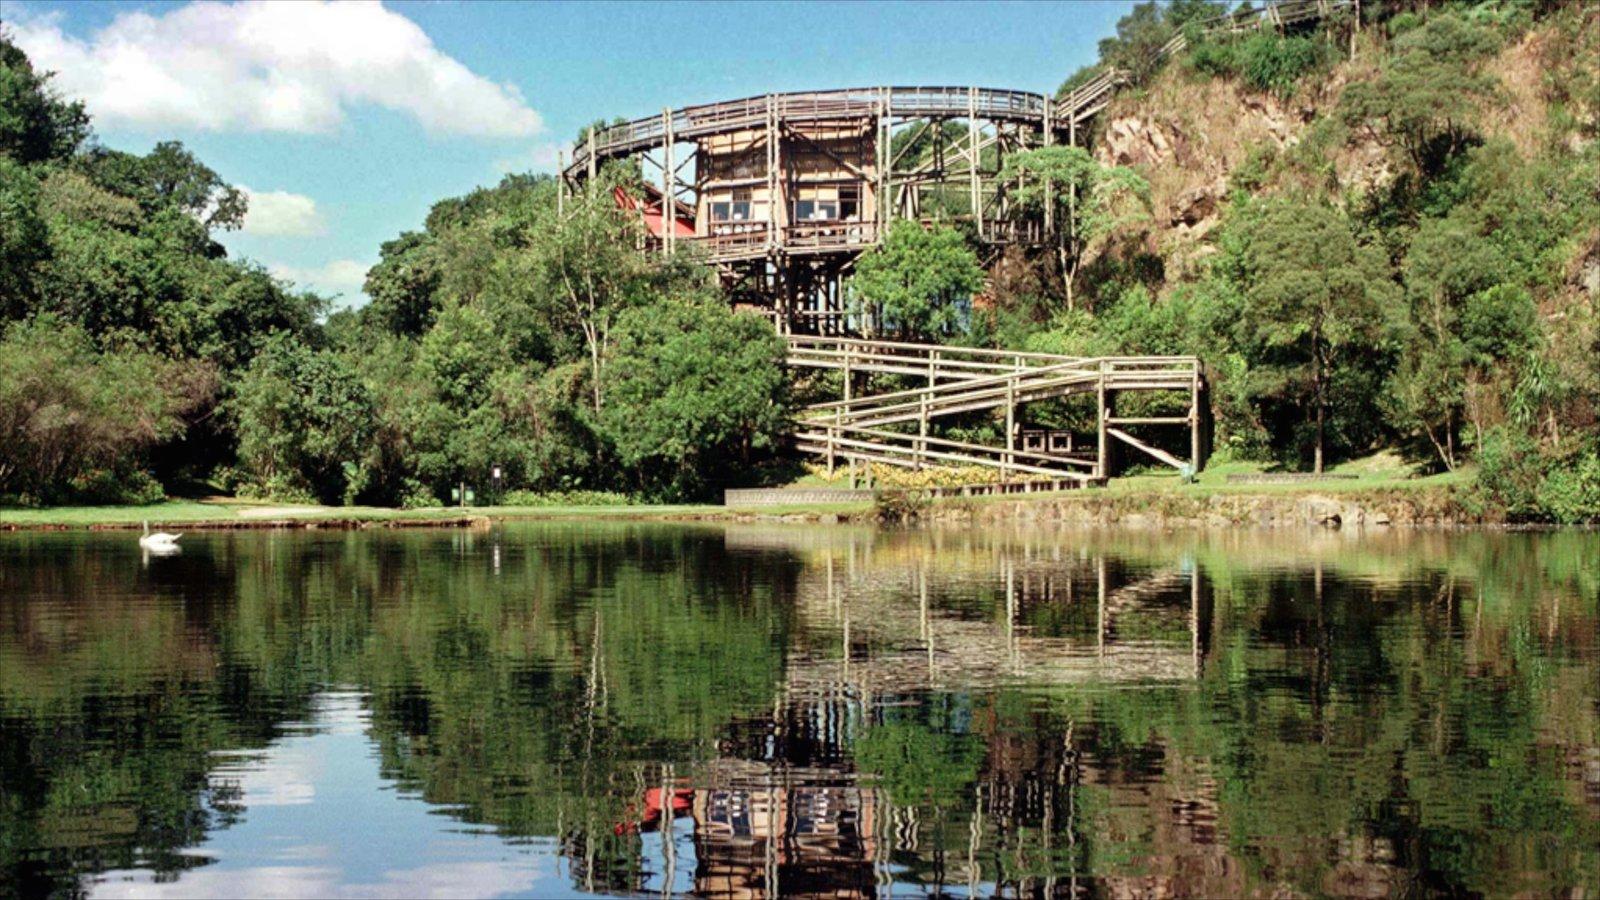 Curitiba que inclui um lago ou charco e florestas